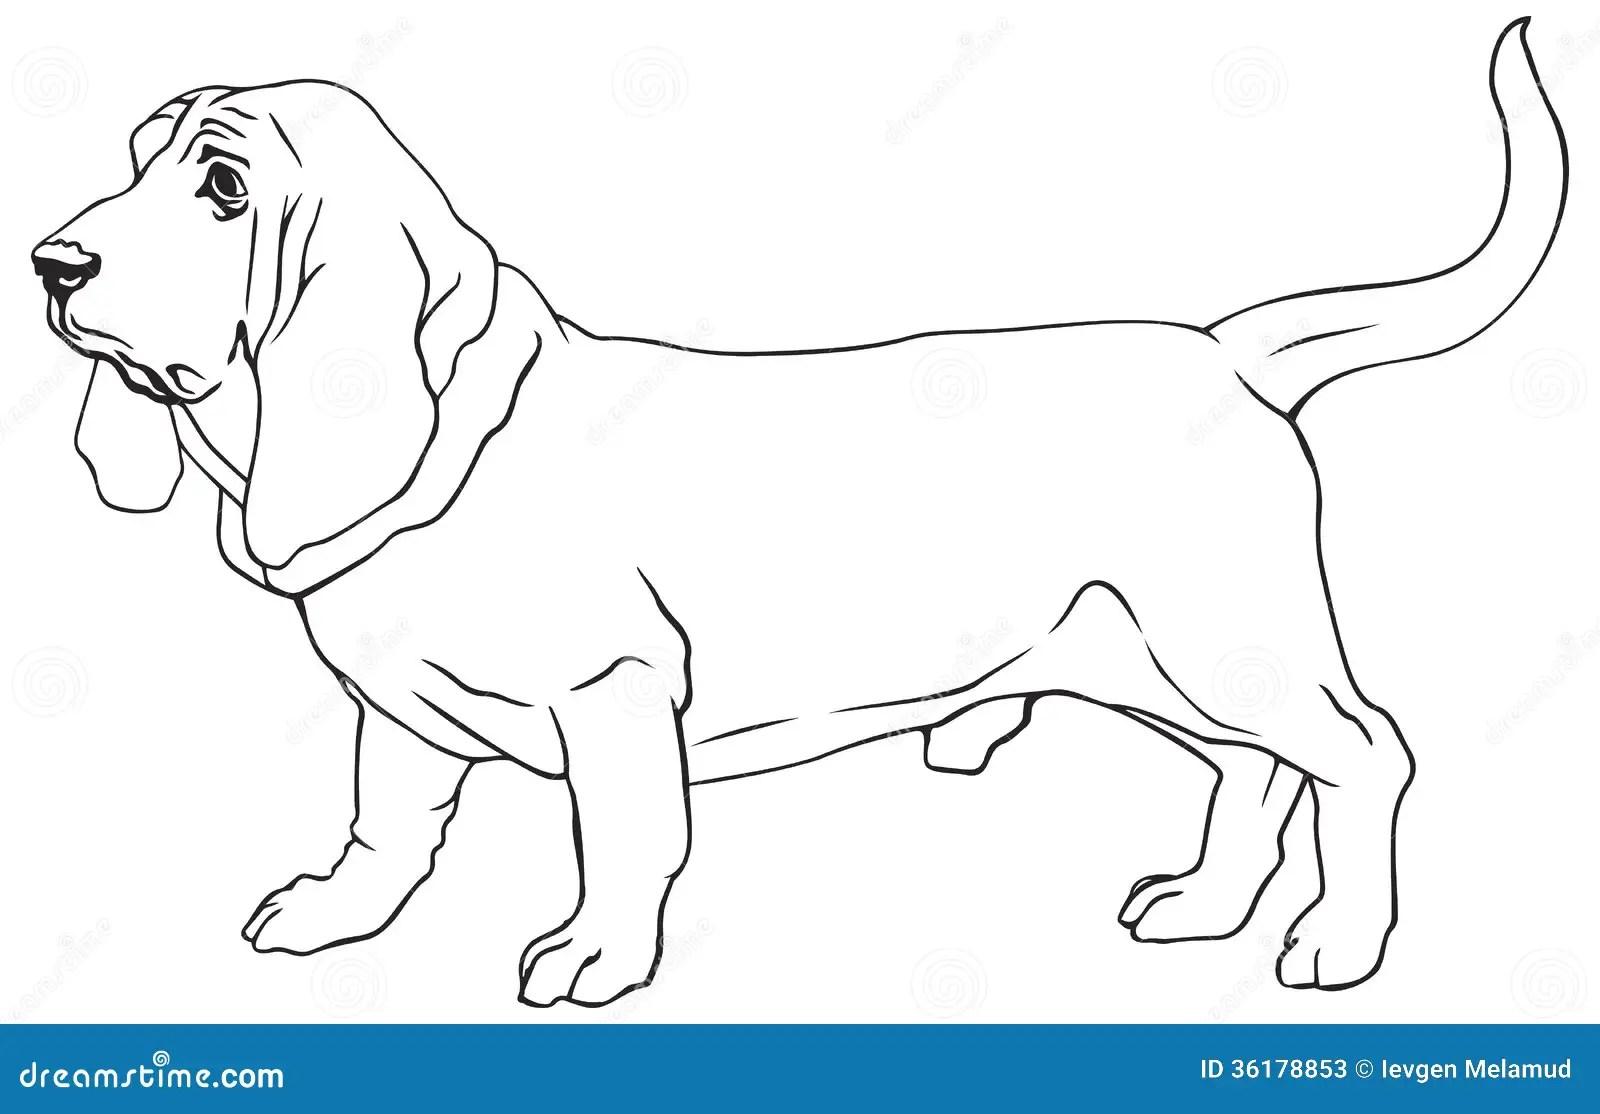 Basset Hound Dog Breed Stock Photos